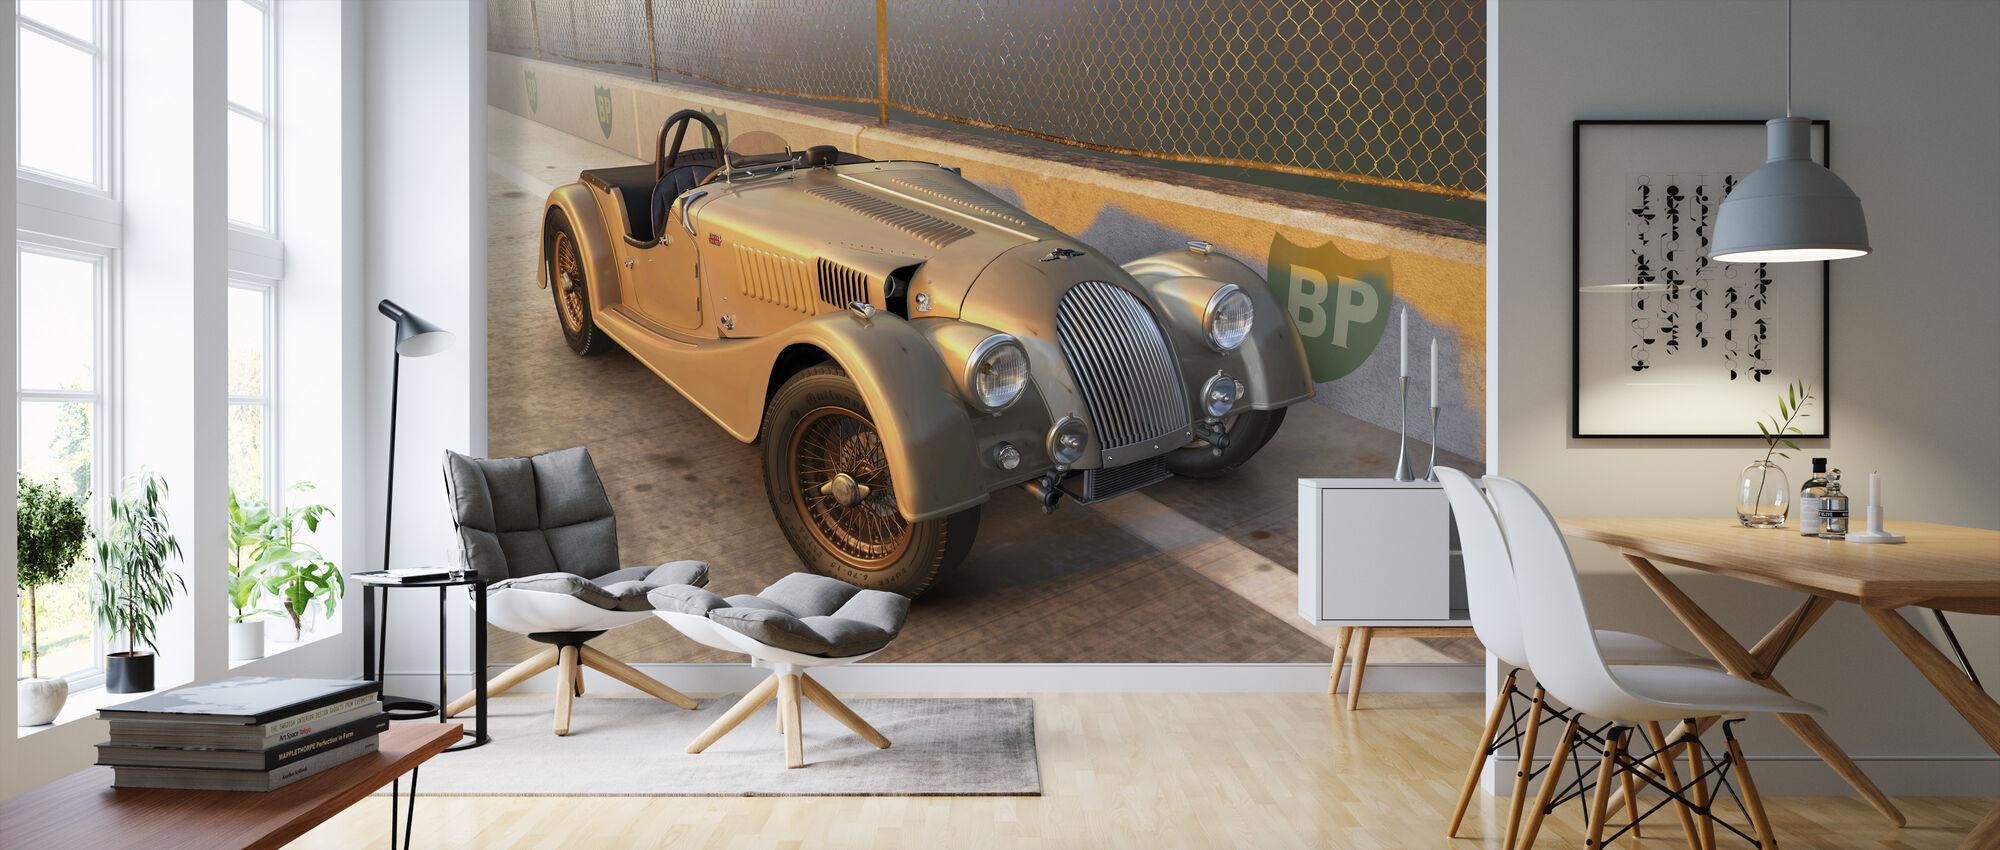 British Sports Car på sporet - Tapet - Stue